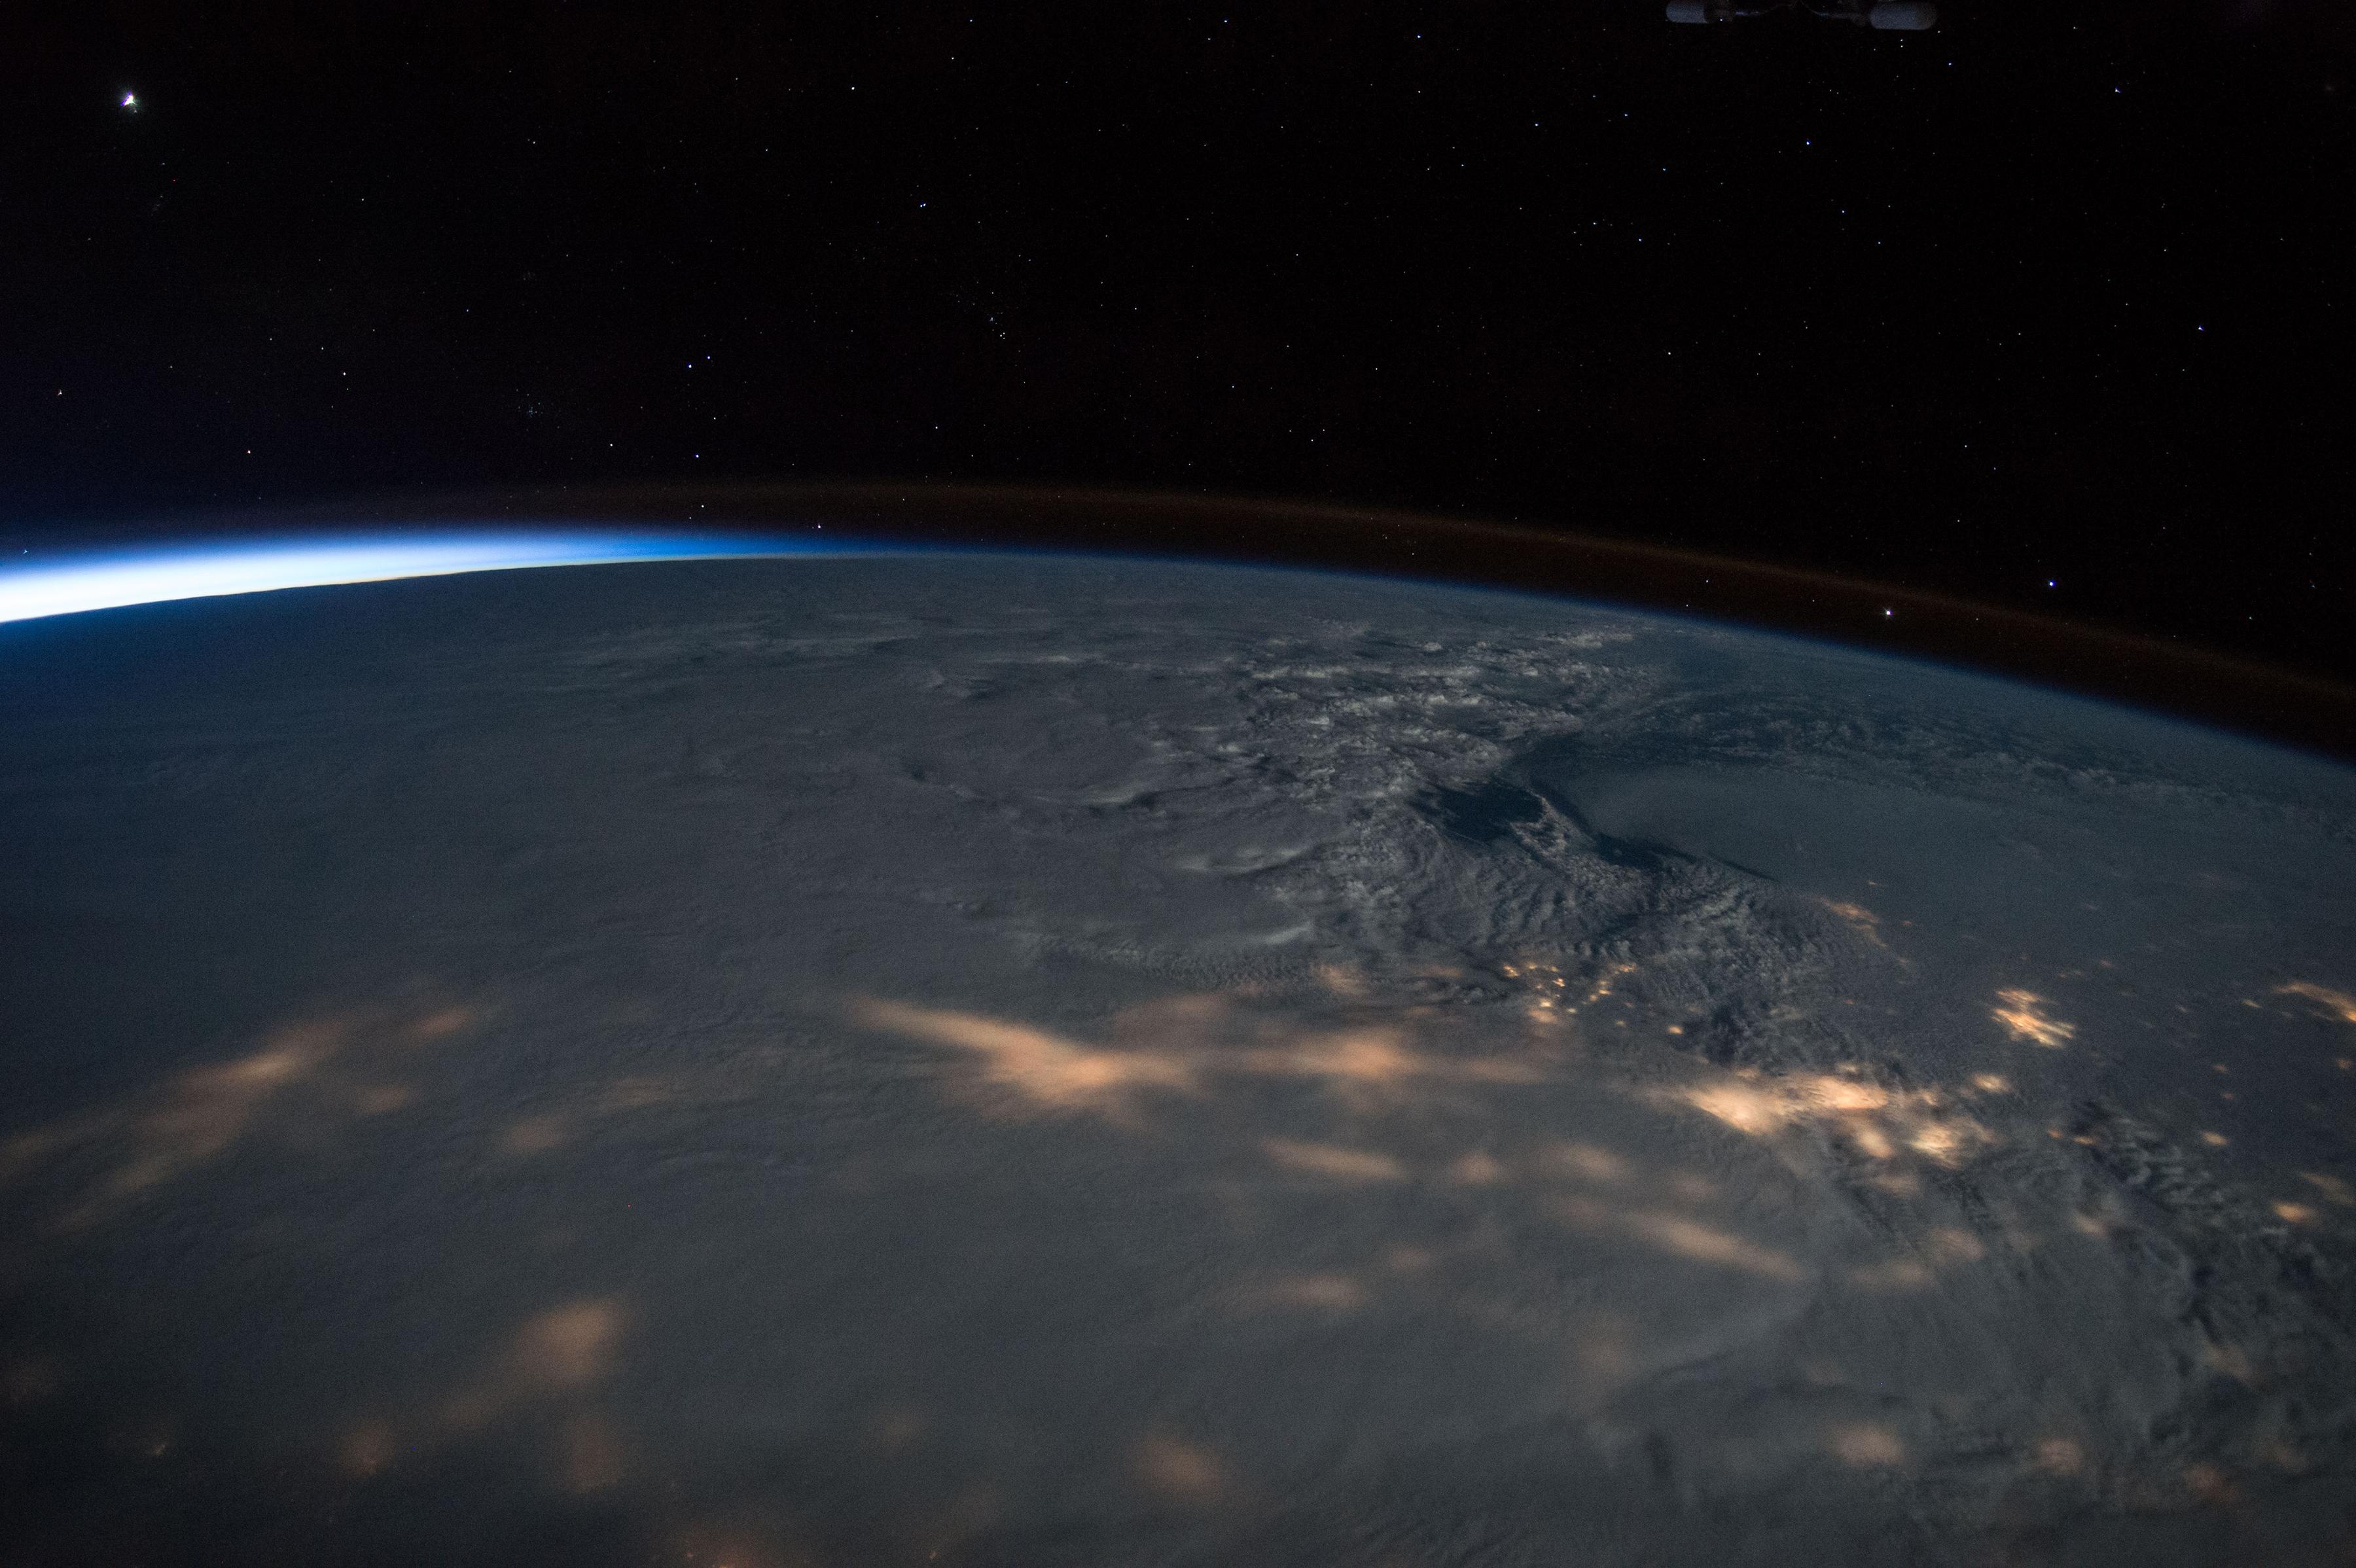 Una tormenta de nieve en la costa este de Estados Unidos (Scott Kelly/NASA via The New York Times)